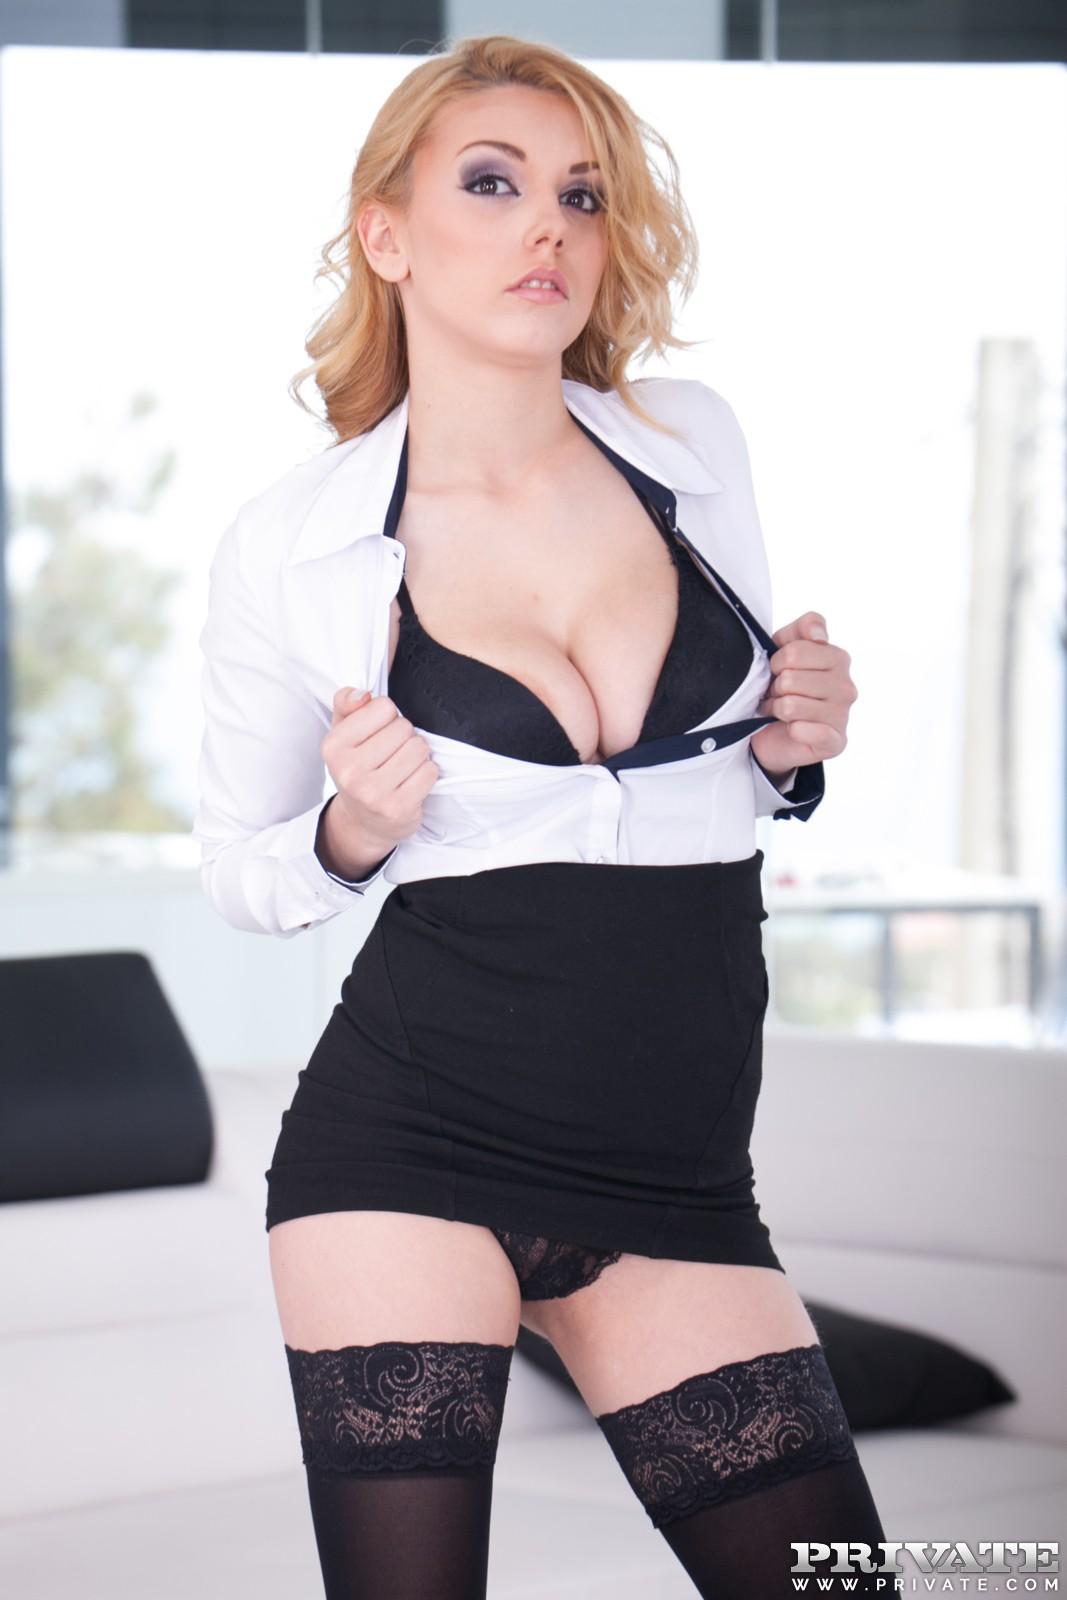 Public Agent Big Tits Blonde